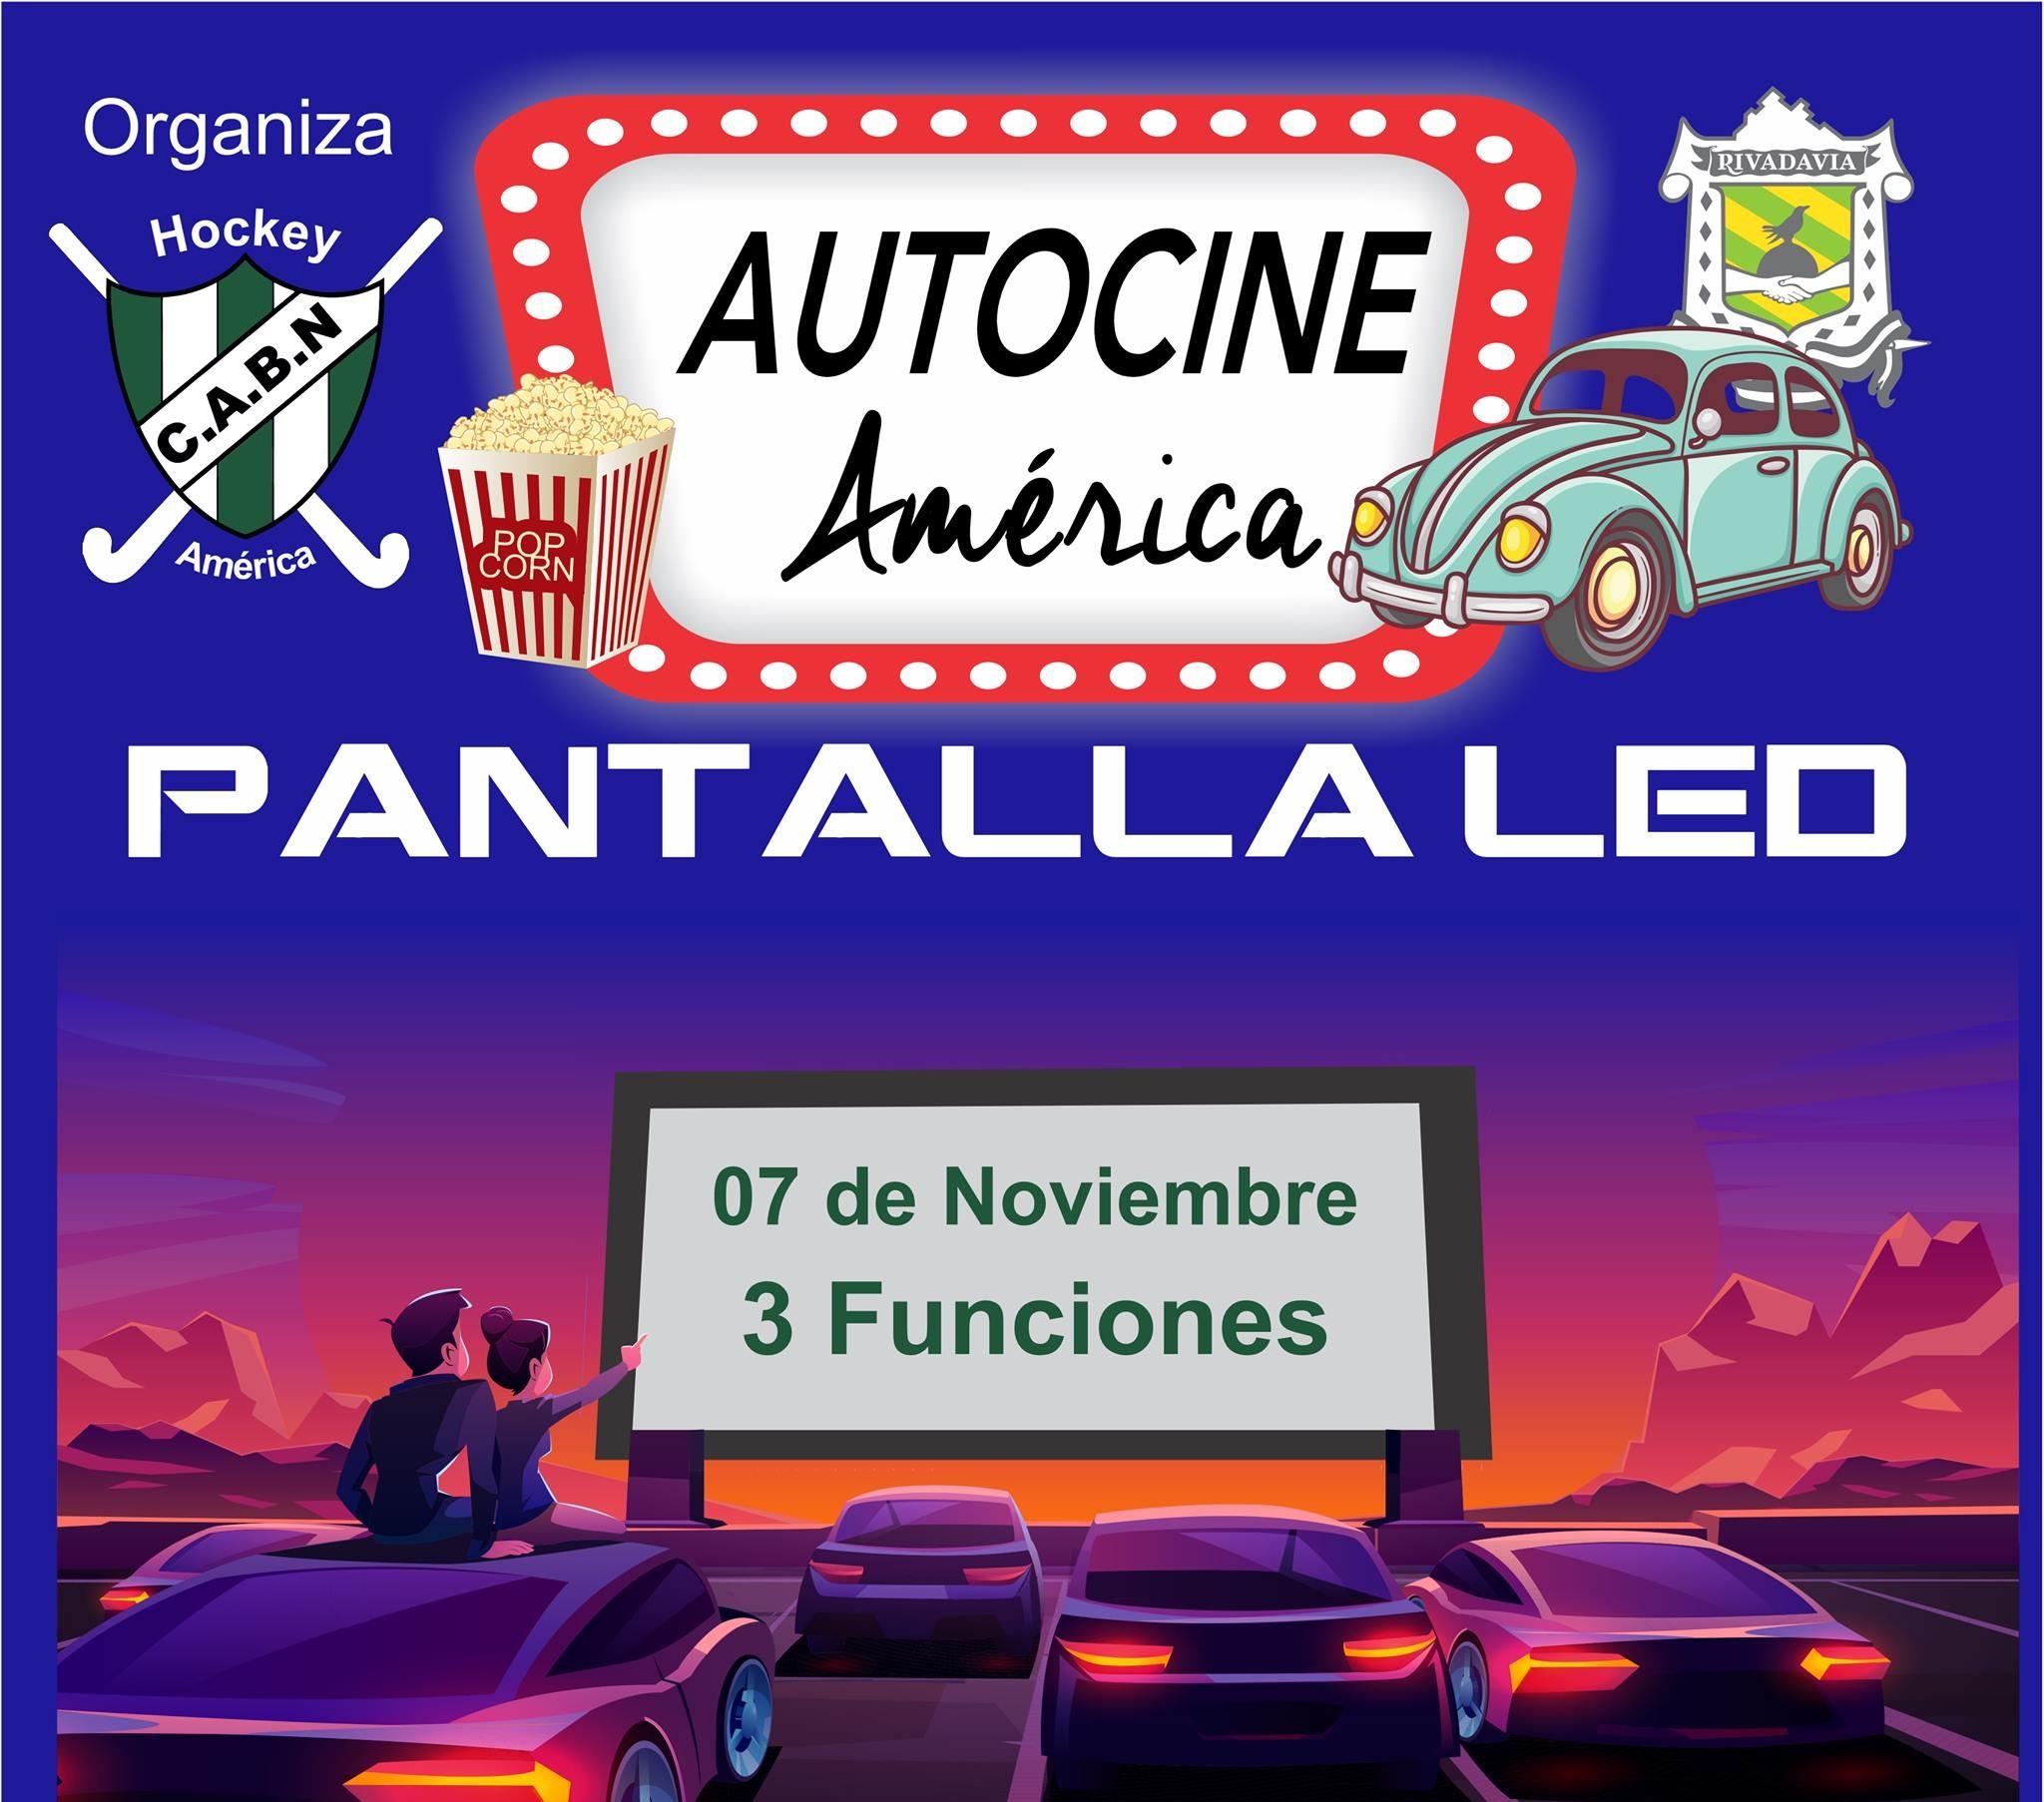 DESDE EL 7 DE NOVIEMBRE AMÉRICA TENDRÁ UN AUTOCINE